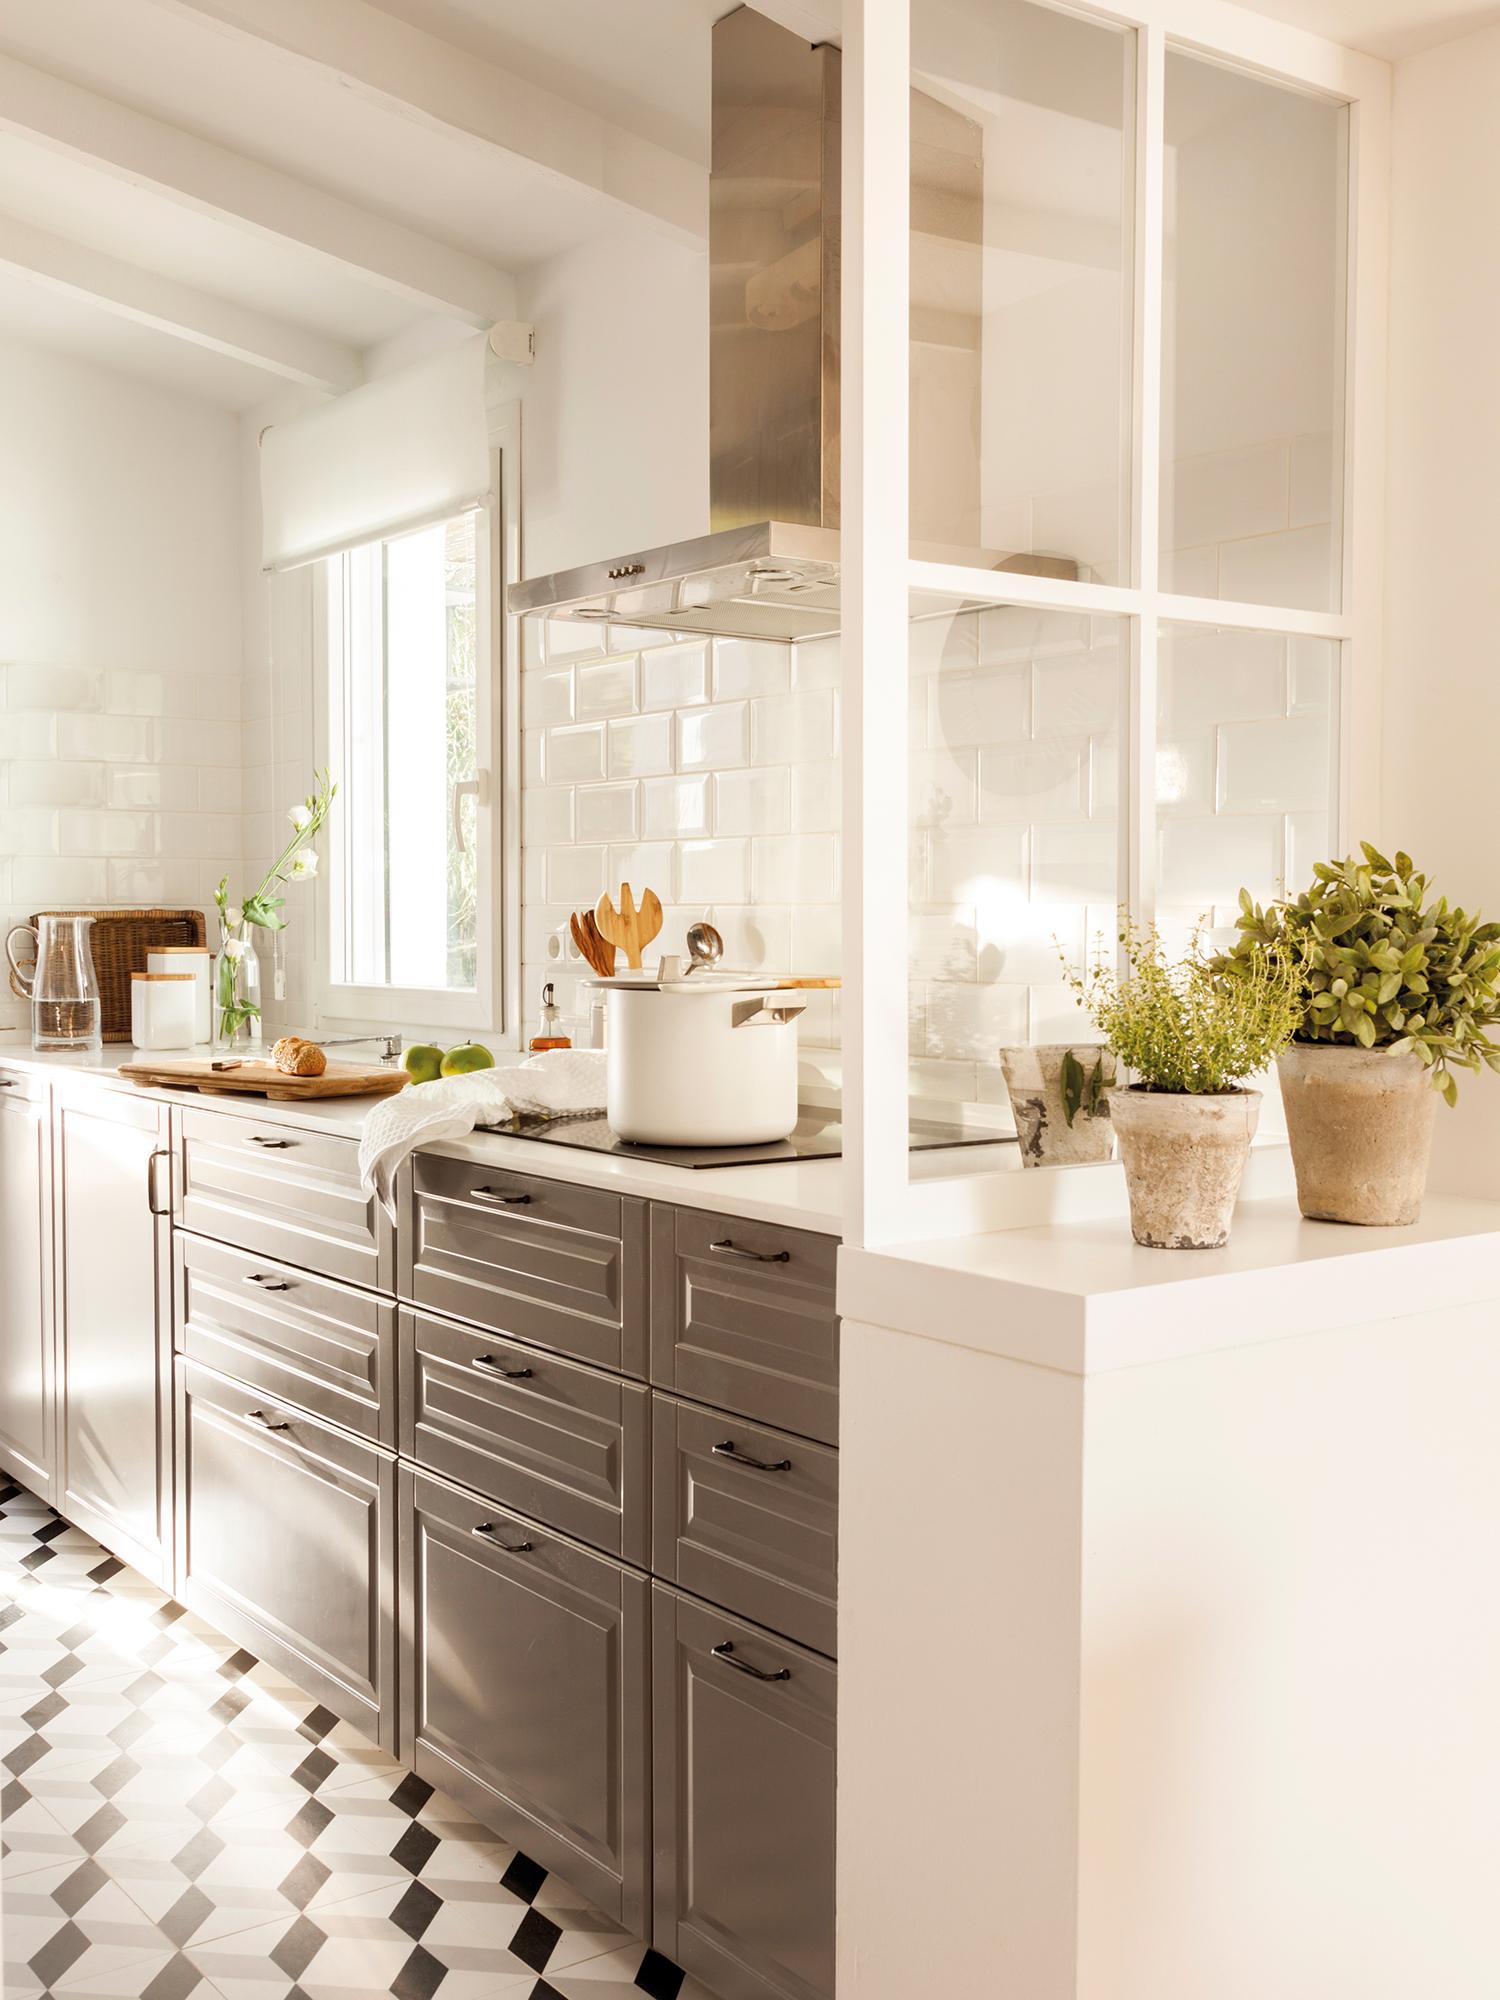 Cocinas peque as distribuidas en paralelo - Muebles para cocinas pequenas ...